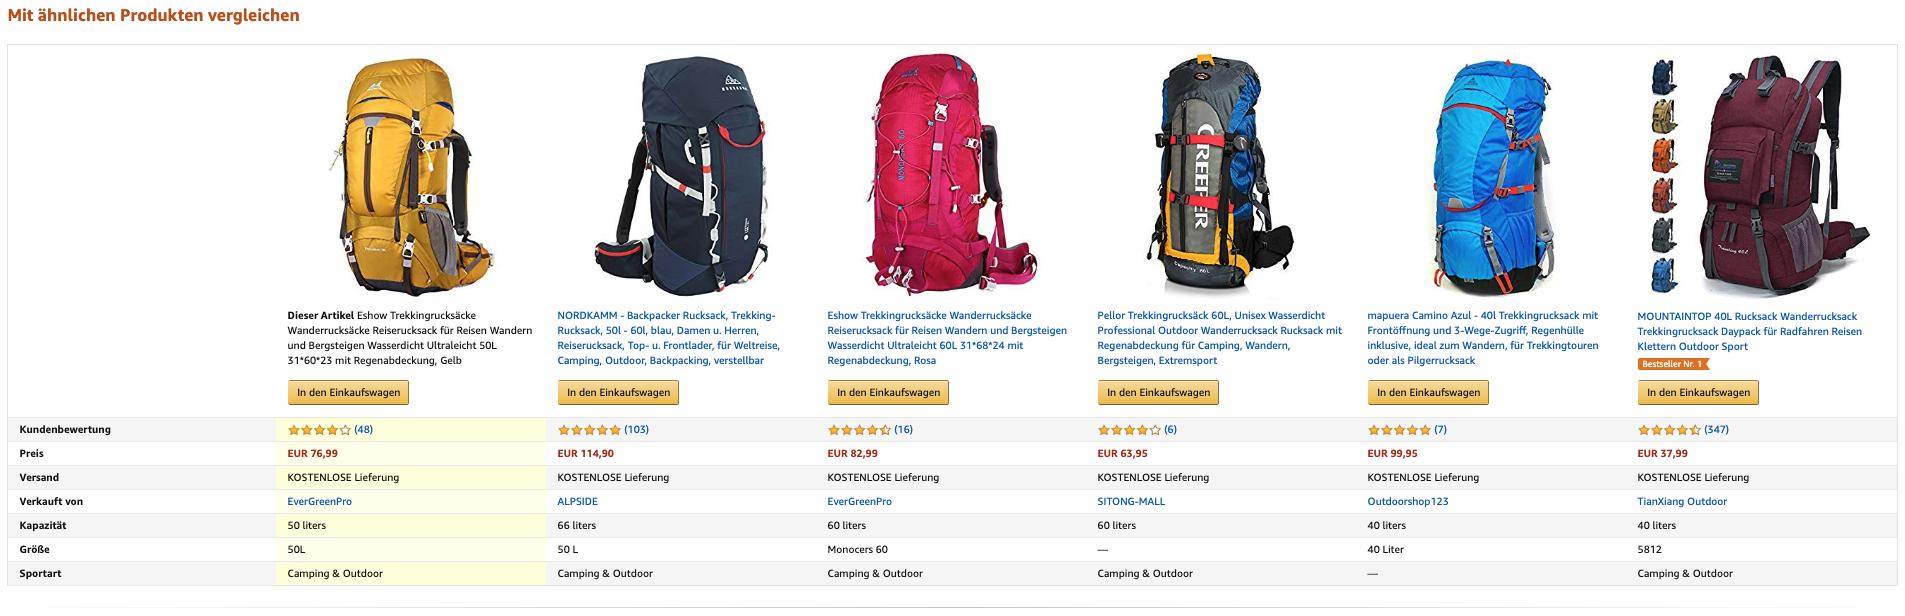 Vergleichswidget von Amazon mit anderen Produkten